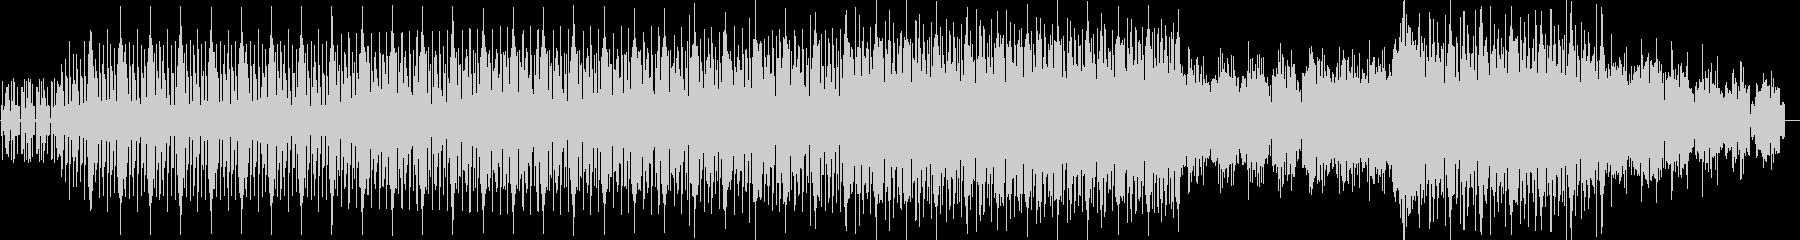 ドライヴ感のあるアシッドミニマルテクノの未再生の波形